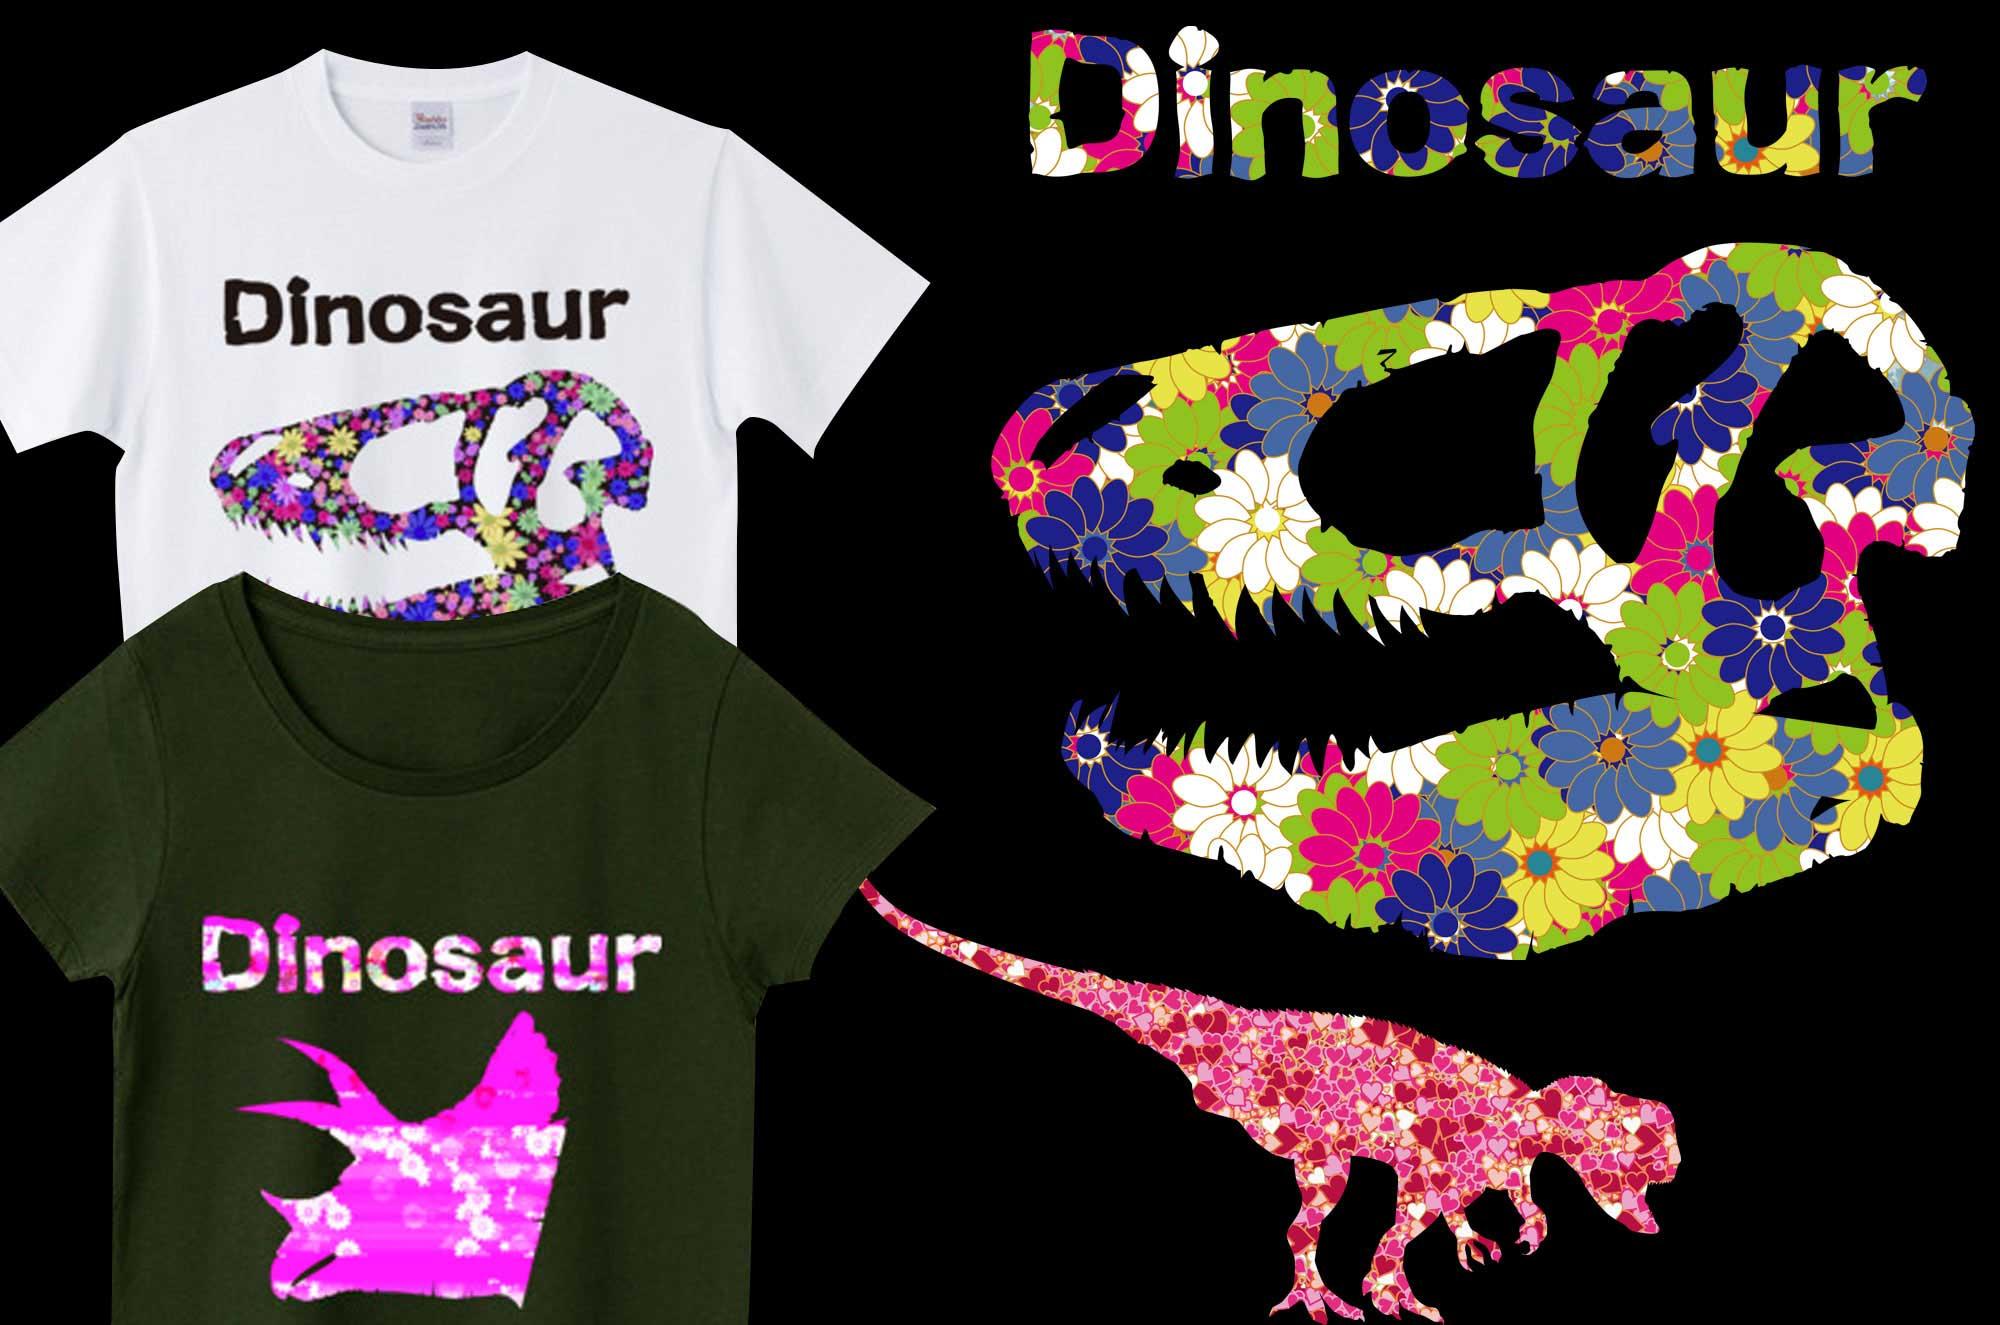 恐竜Tシャツ - おしゃれで可愛い古代の化石デザイン